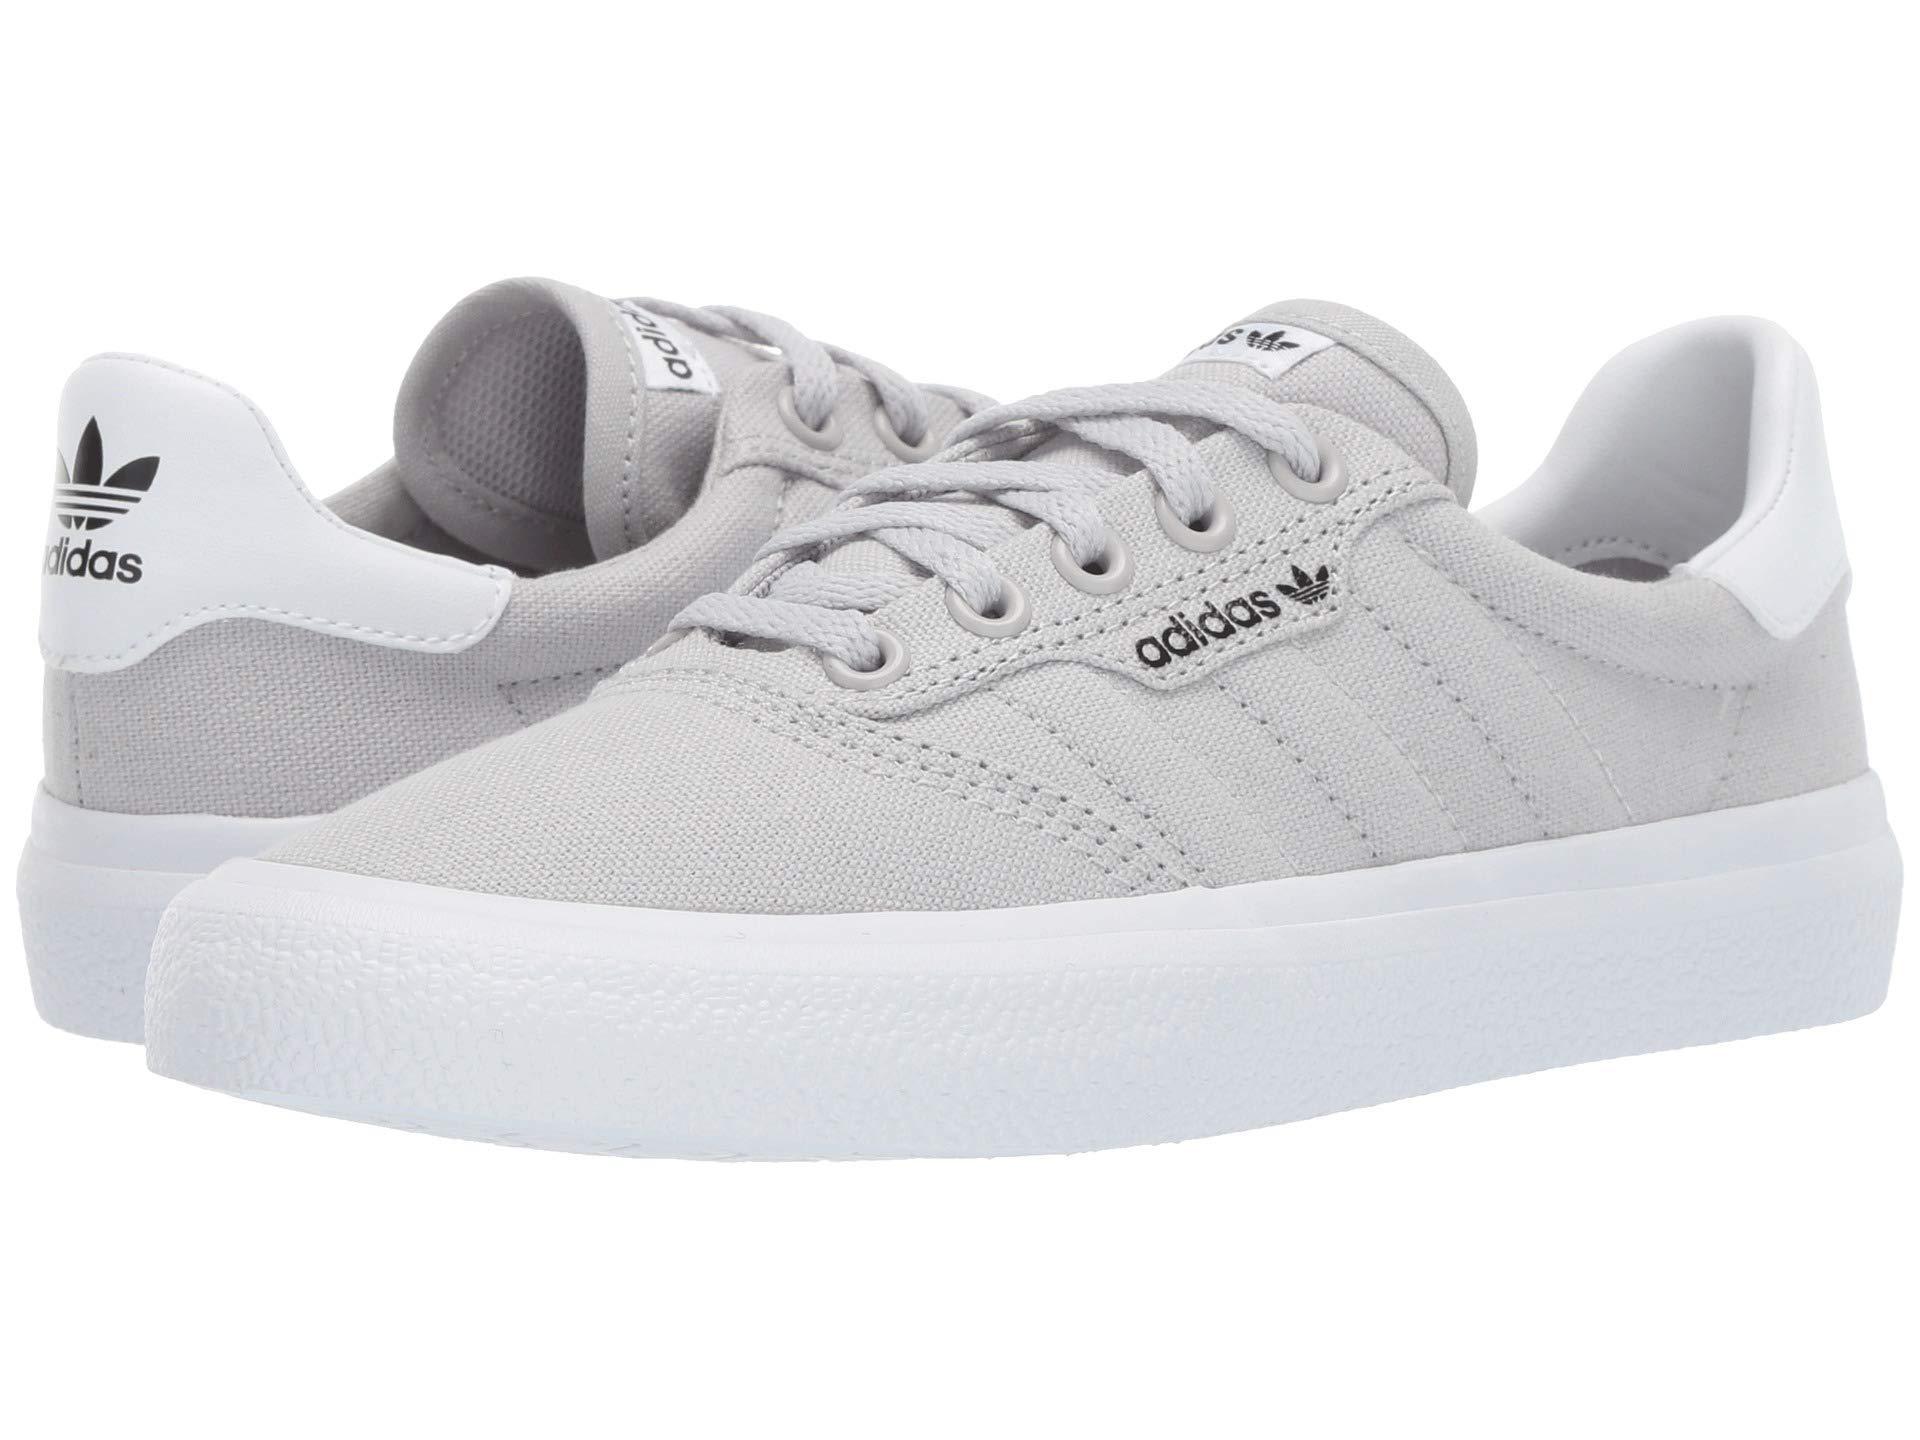 Lyst - Adidas Originals 3mc J (core Black core Black footwear White ... 0fa69402e